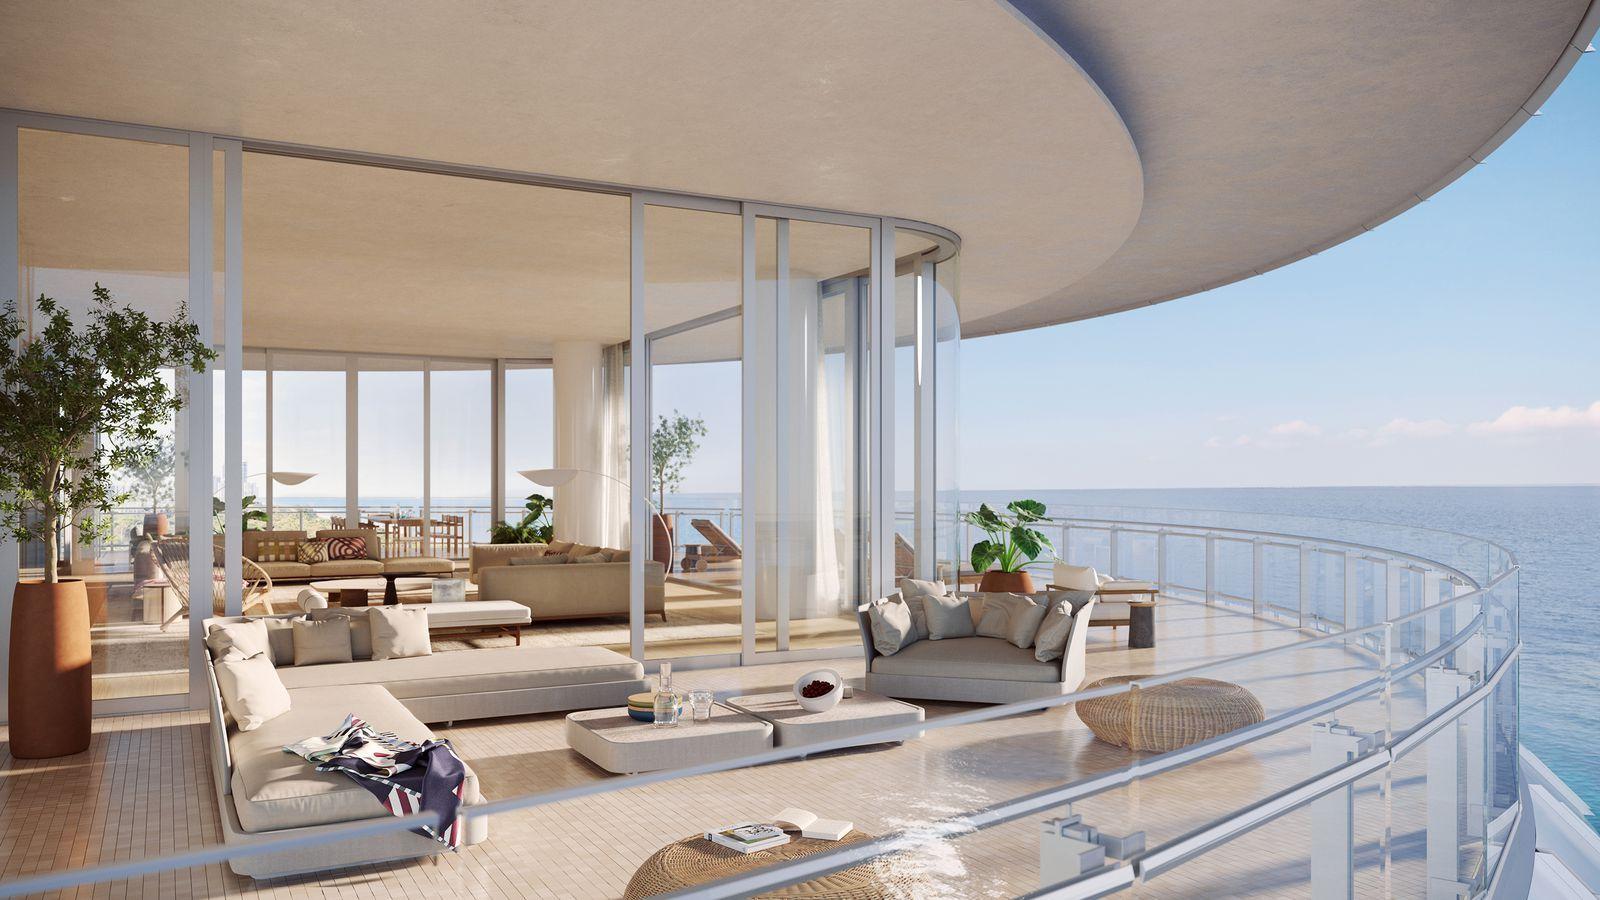 Interni Case Di Lusso Foto renzo piano's $68 million miami penthouse (con immagini